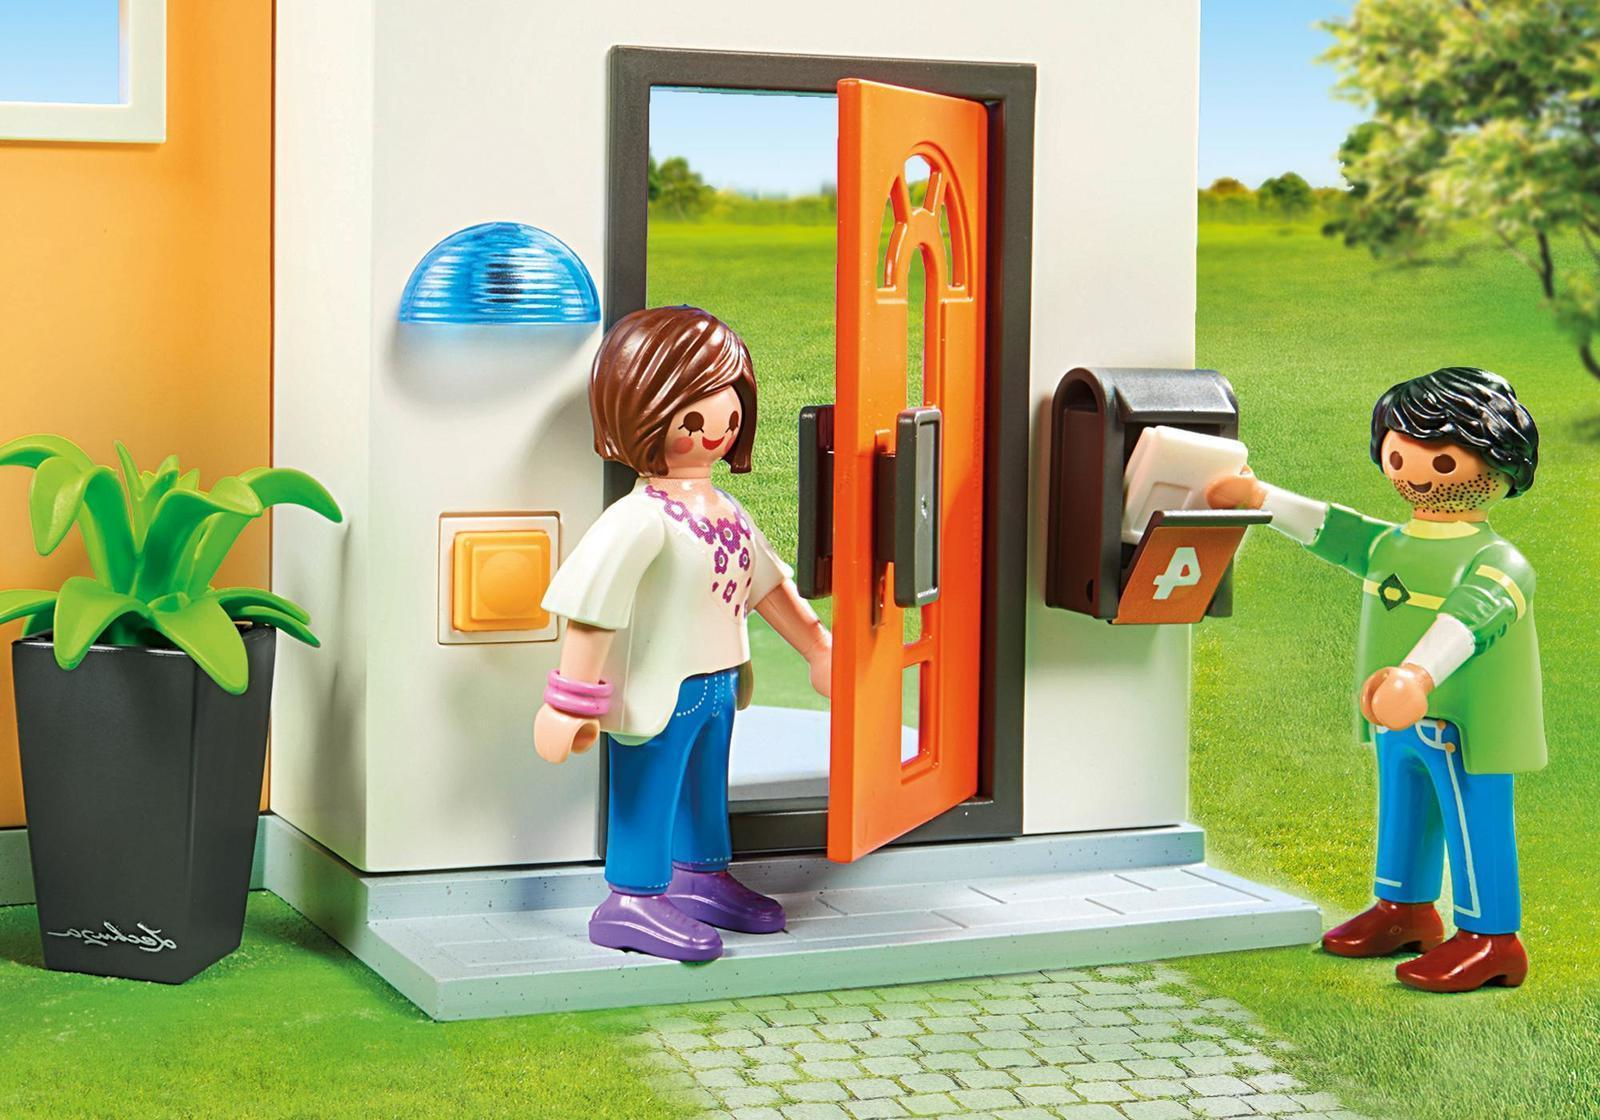 Maison moderne playmobil- le courrier arrive toujours à temps.